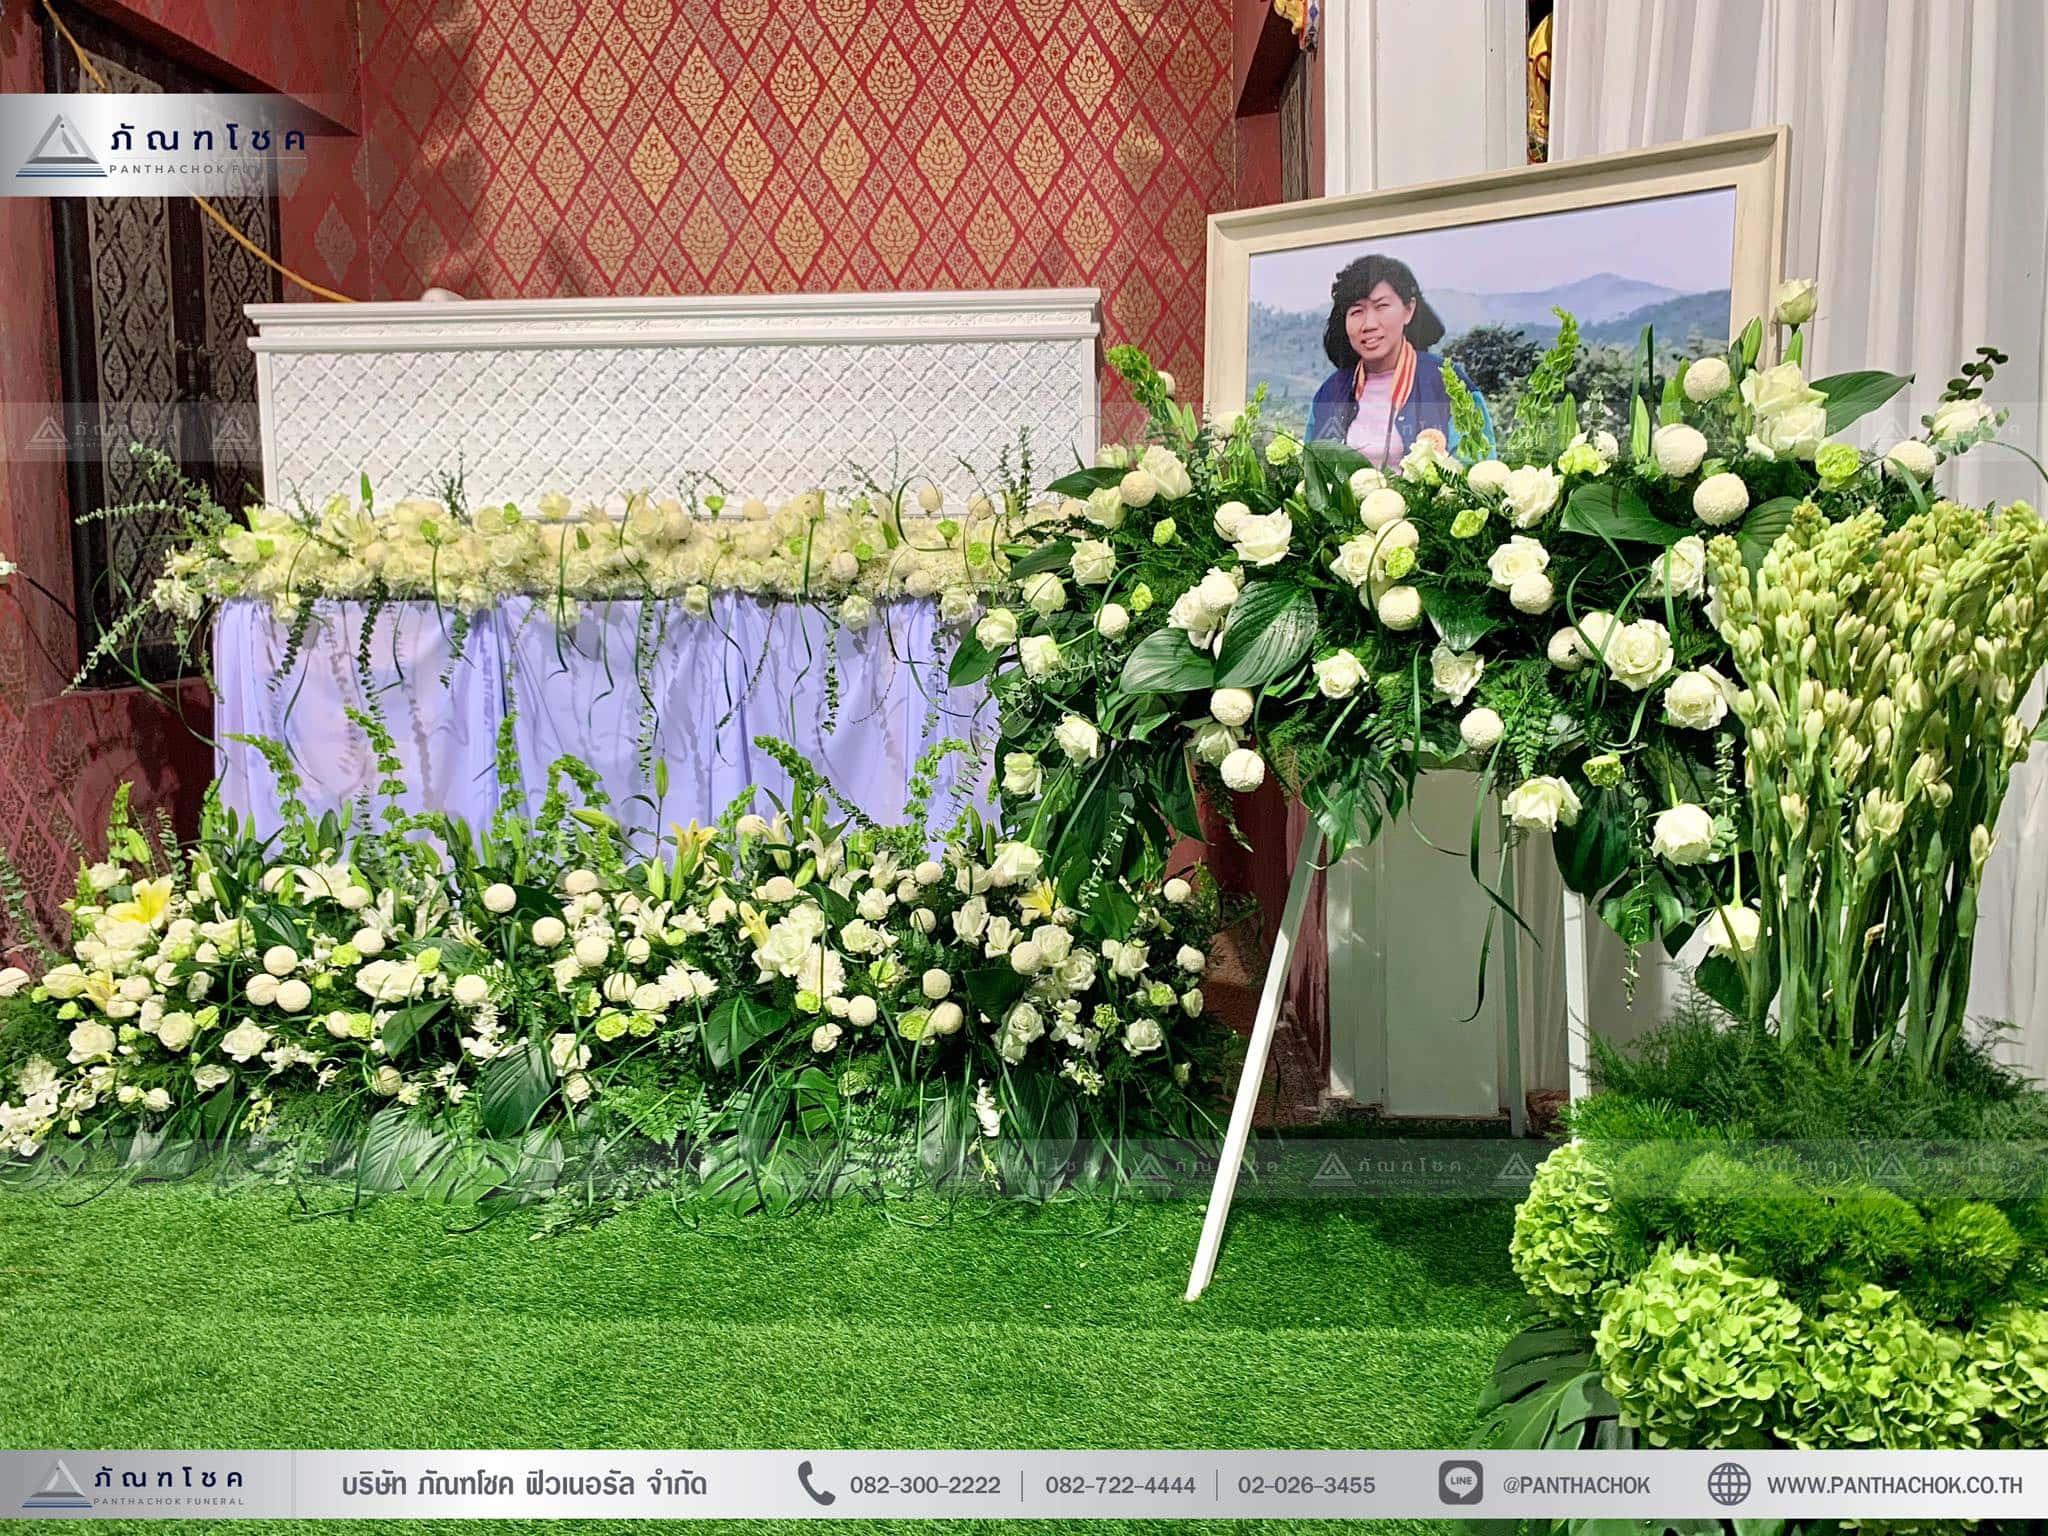 ดอกไม้งานศพในโทนสีขาว-เขียว แนวเรียบหรู รูปแบบแปลกใหม่ 1